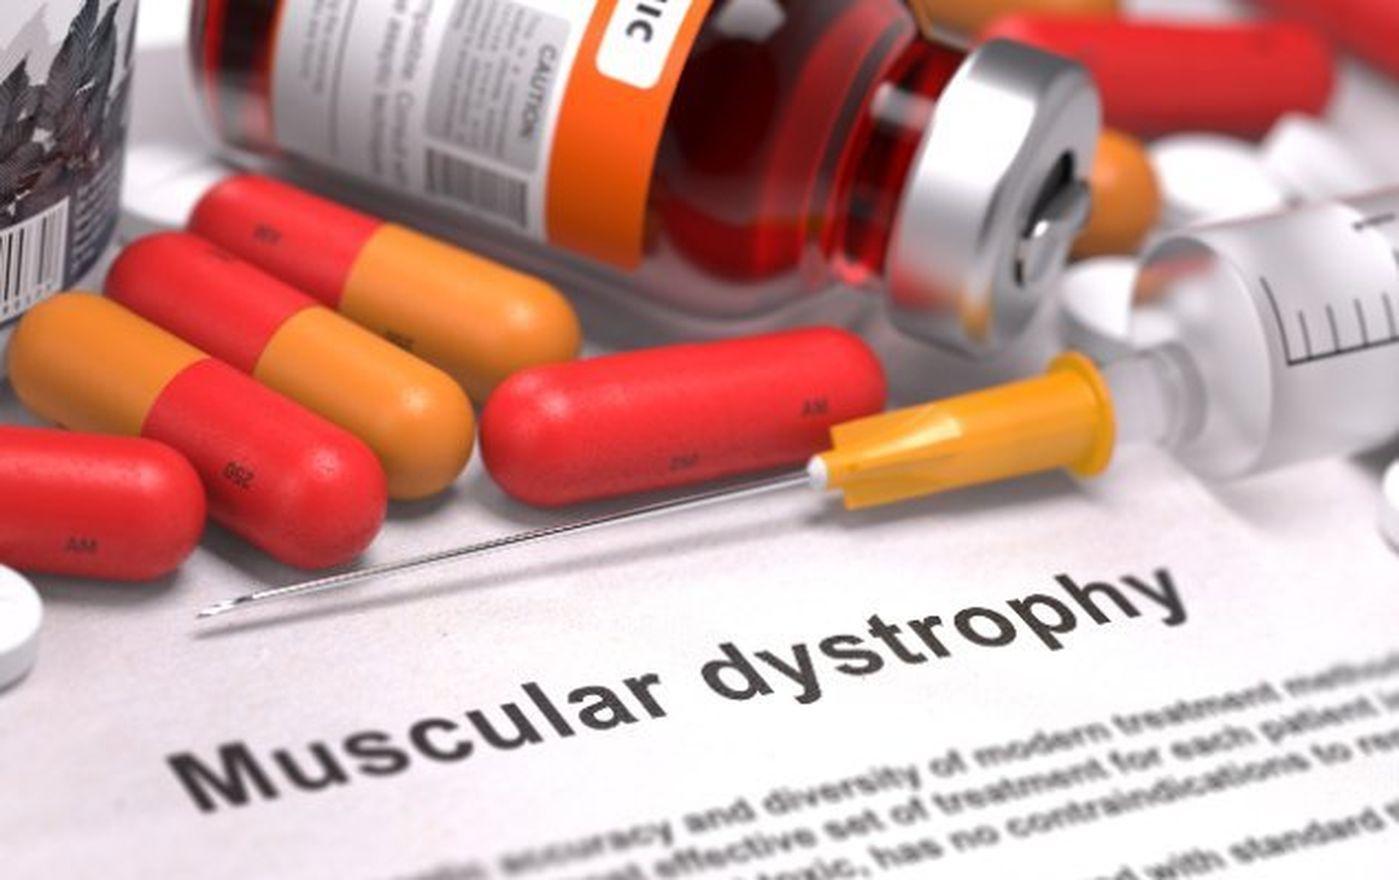 Эффекты лечения глюкокортикоидами у взрослого населения с миодистрофией Дюшенна, посещающих нервно-мышечный комплексный центр по уходу